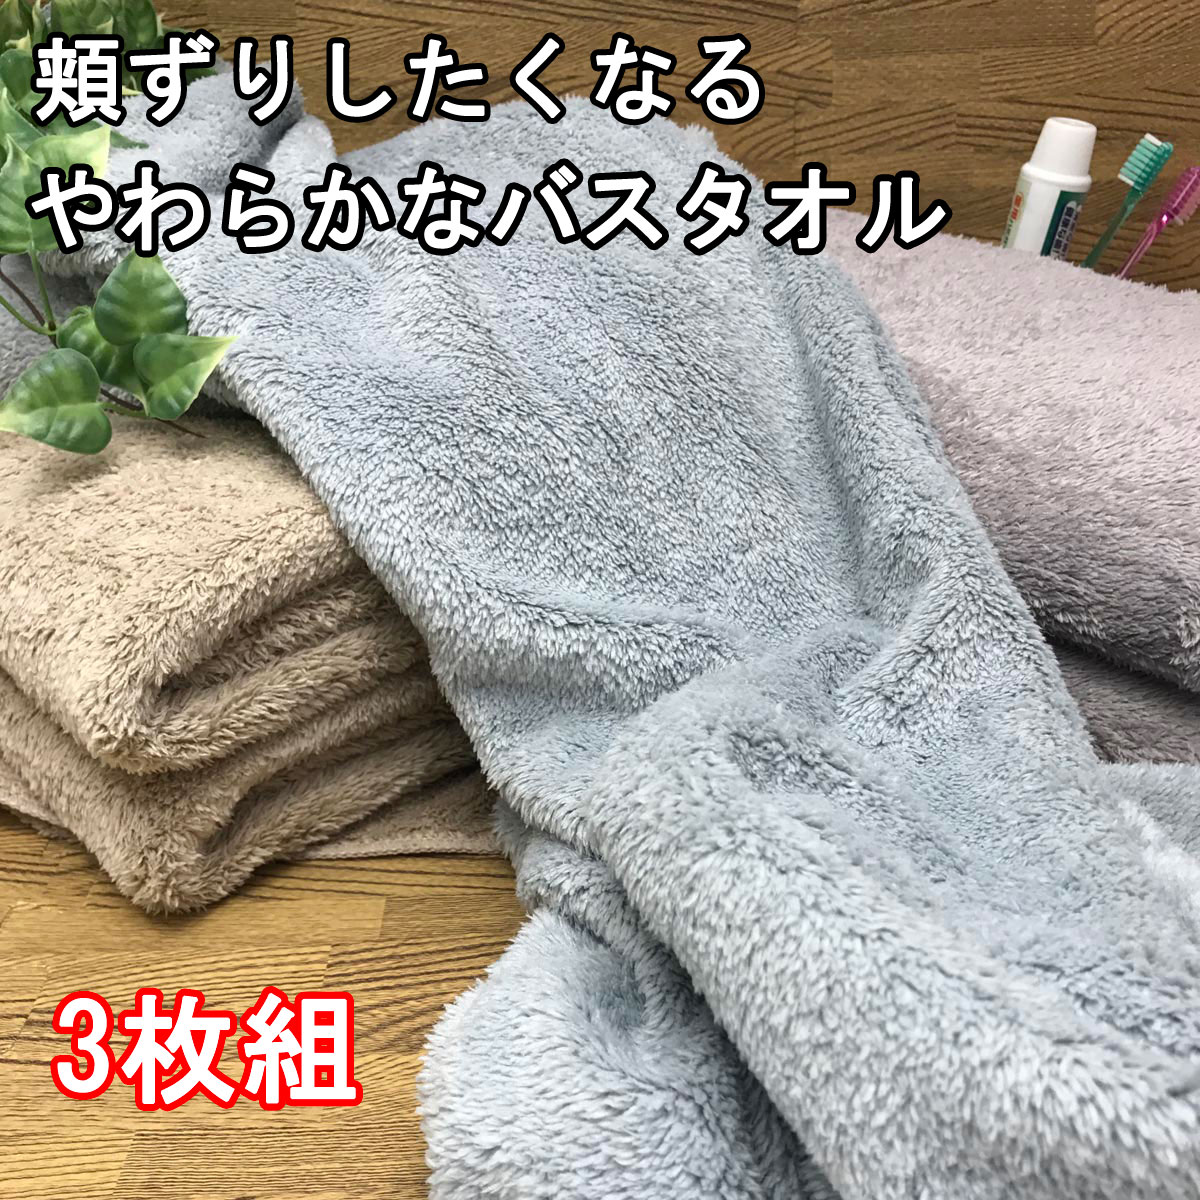 【送料無料 】マイクロファイバー ボリューム たっぷり バスタオル 3枚組 60x120cm